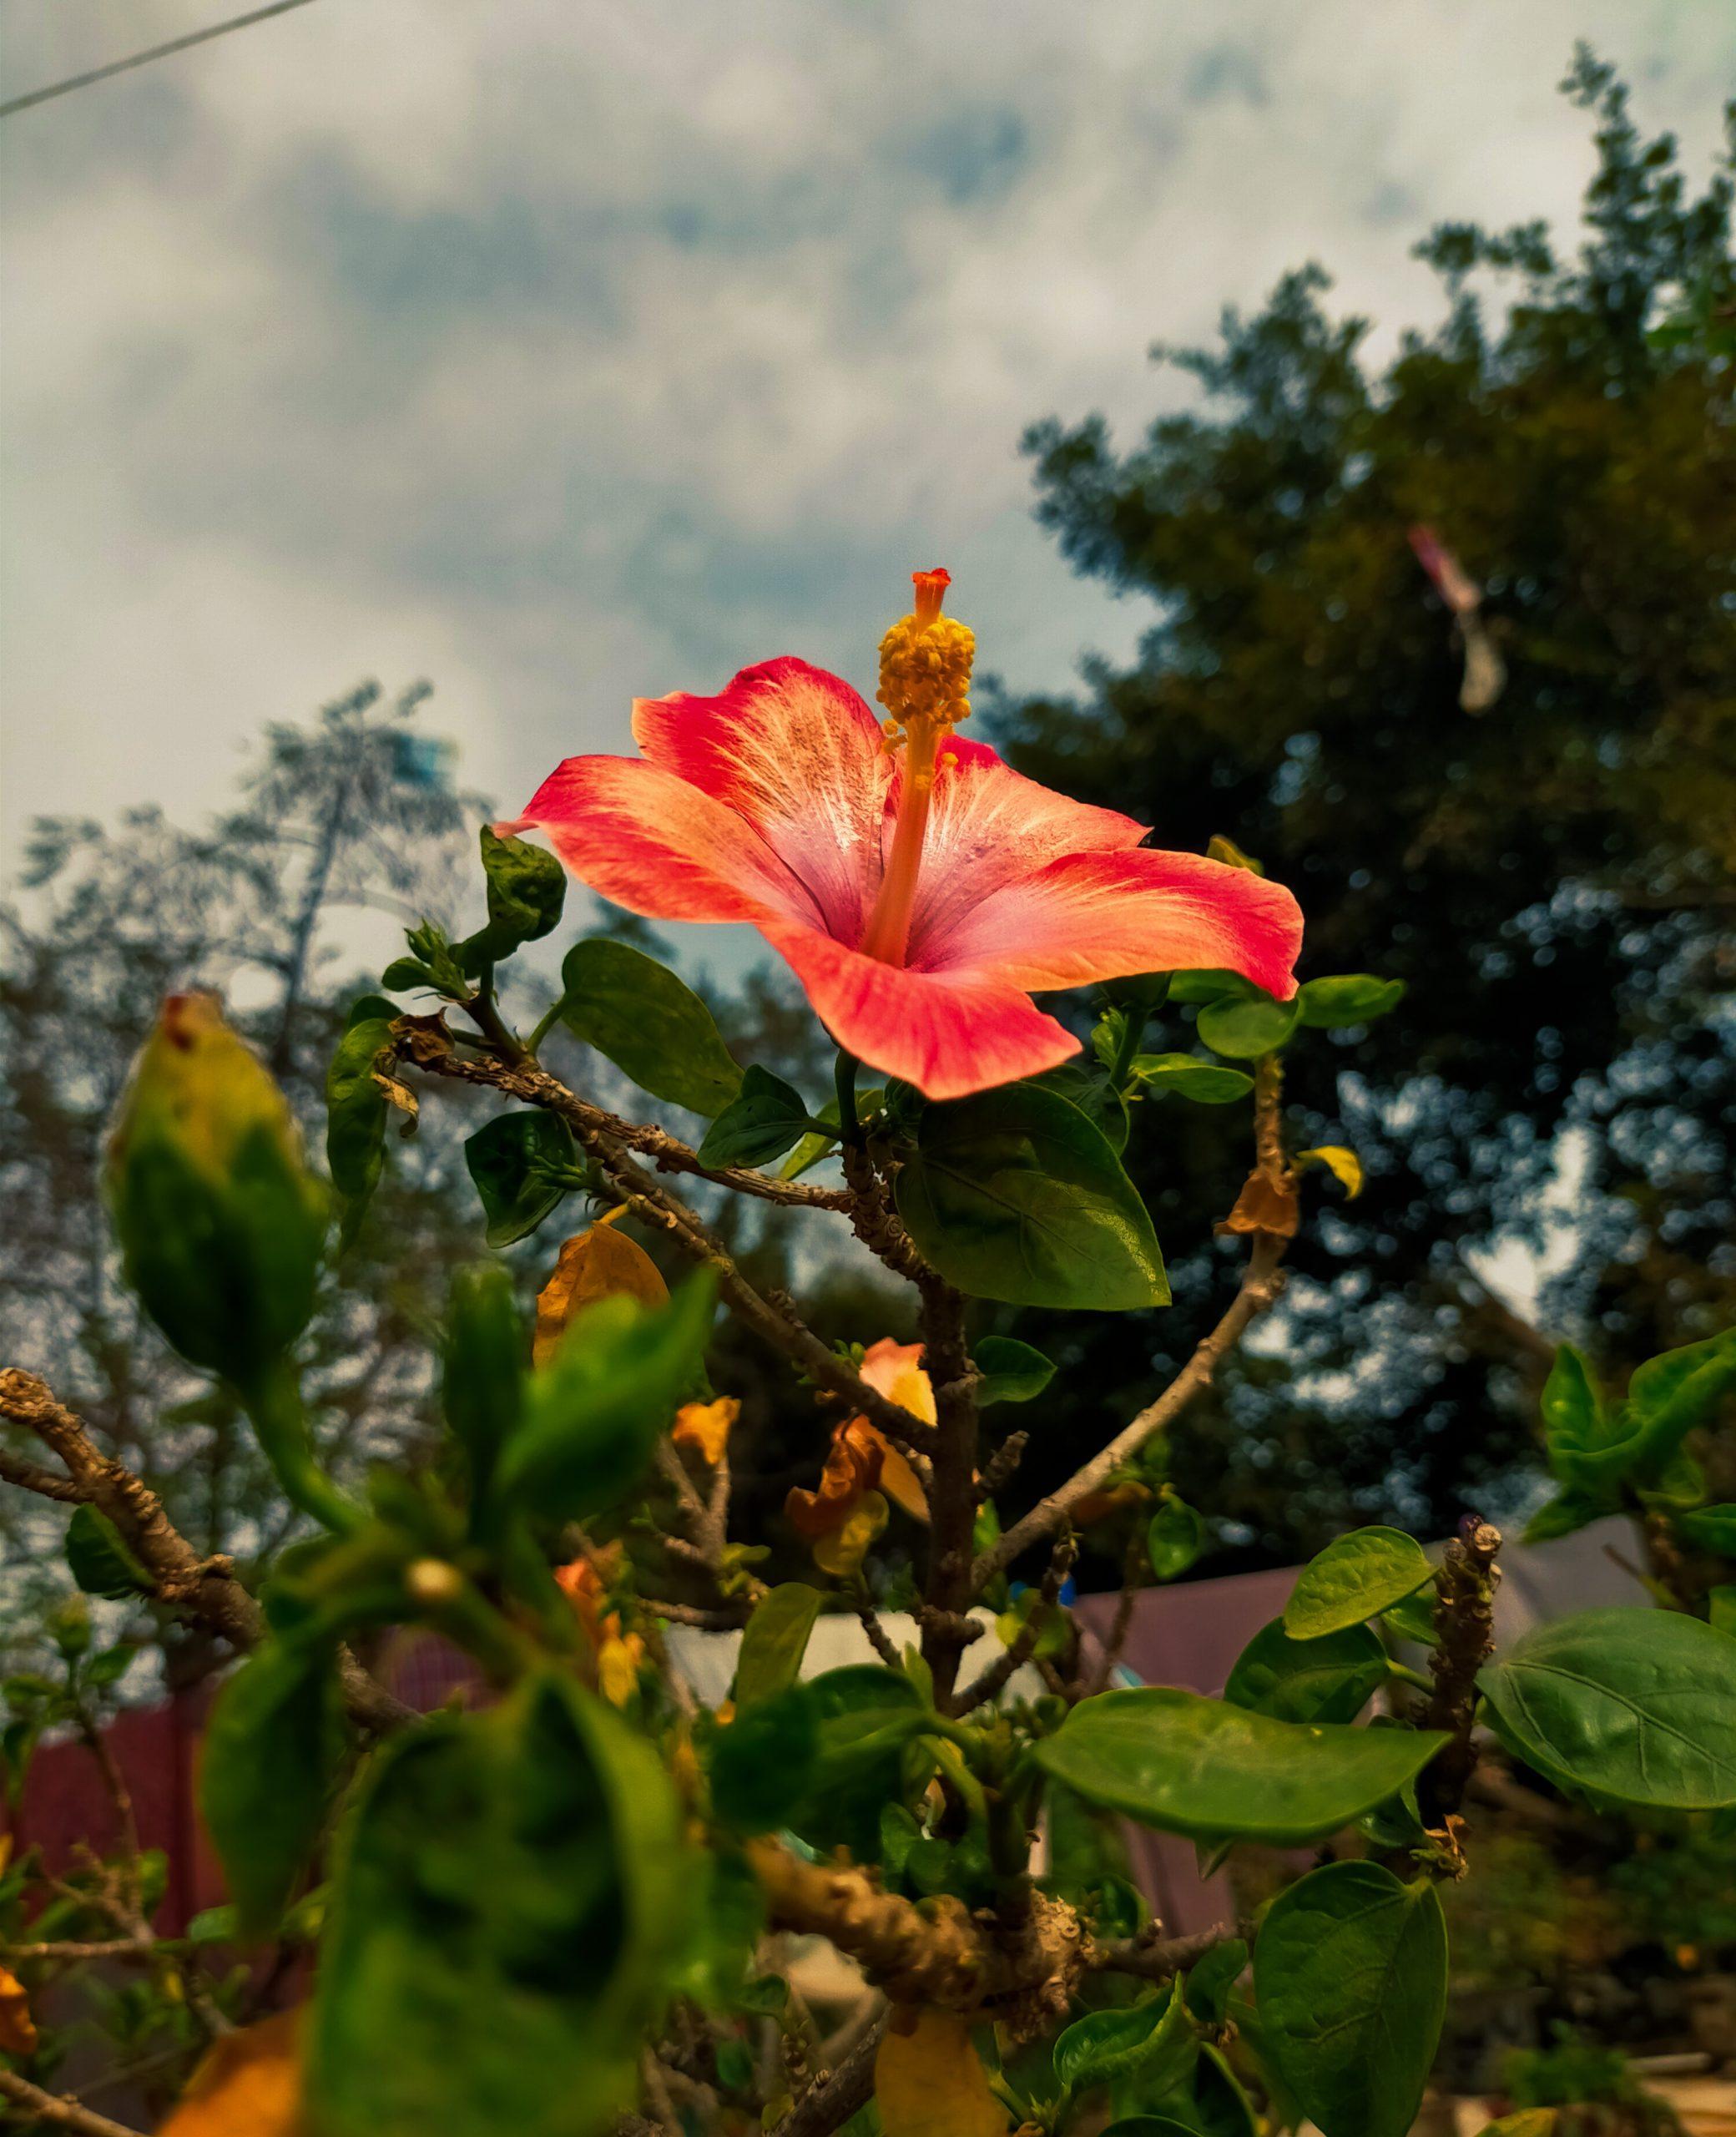 Blooming Hibiscus Flower